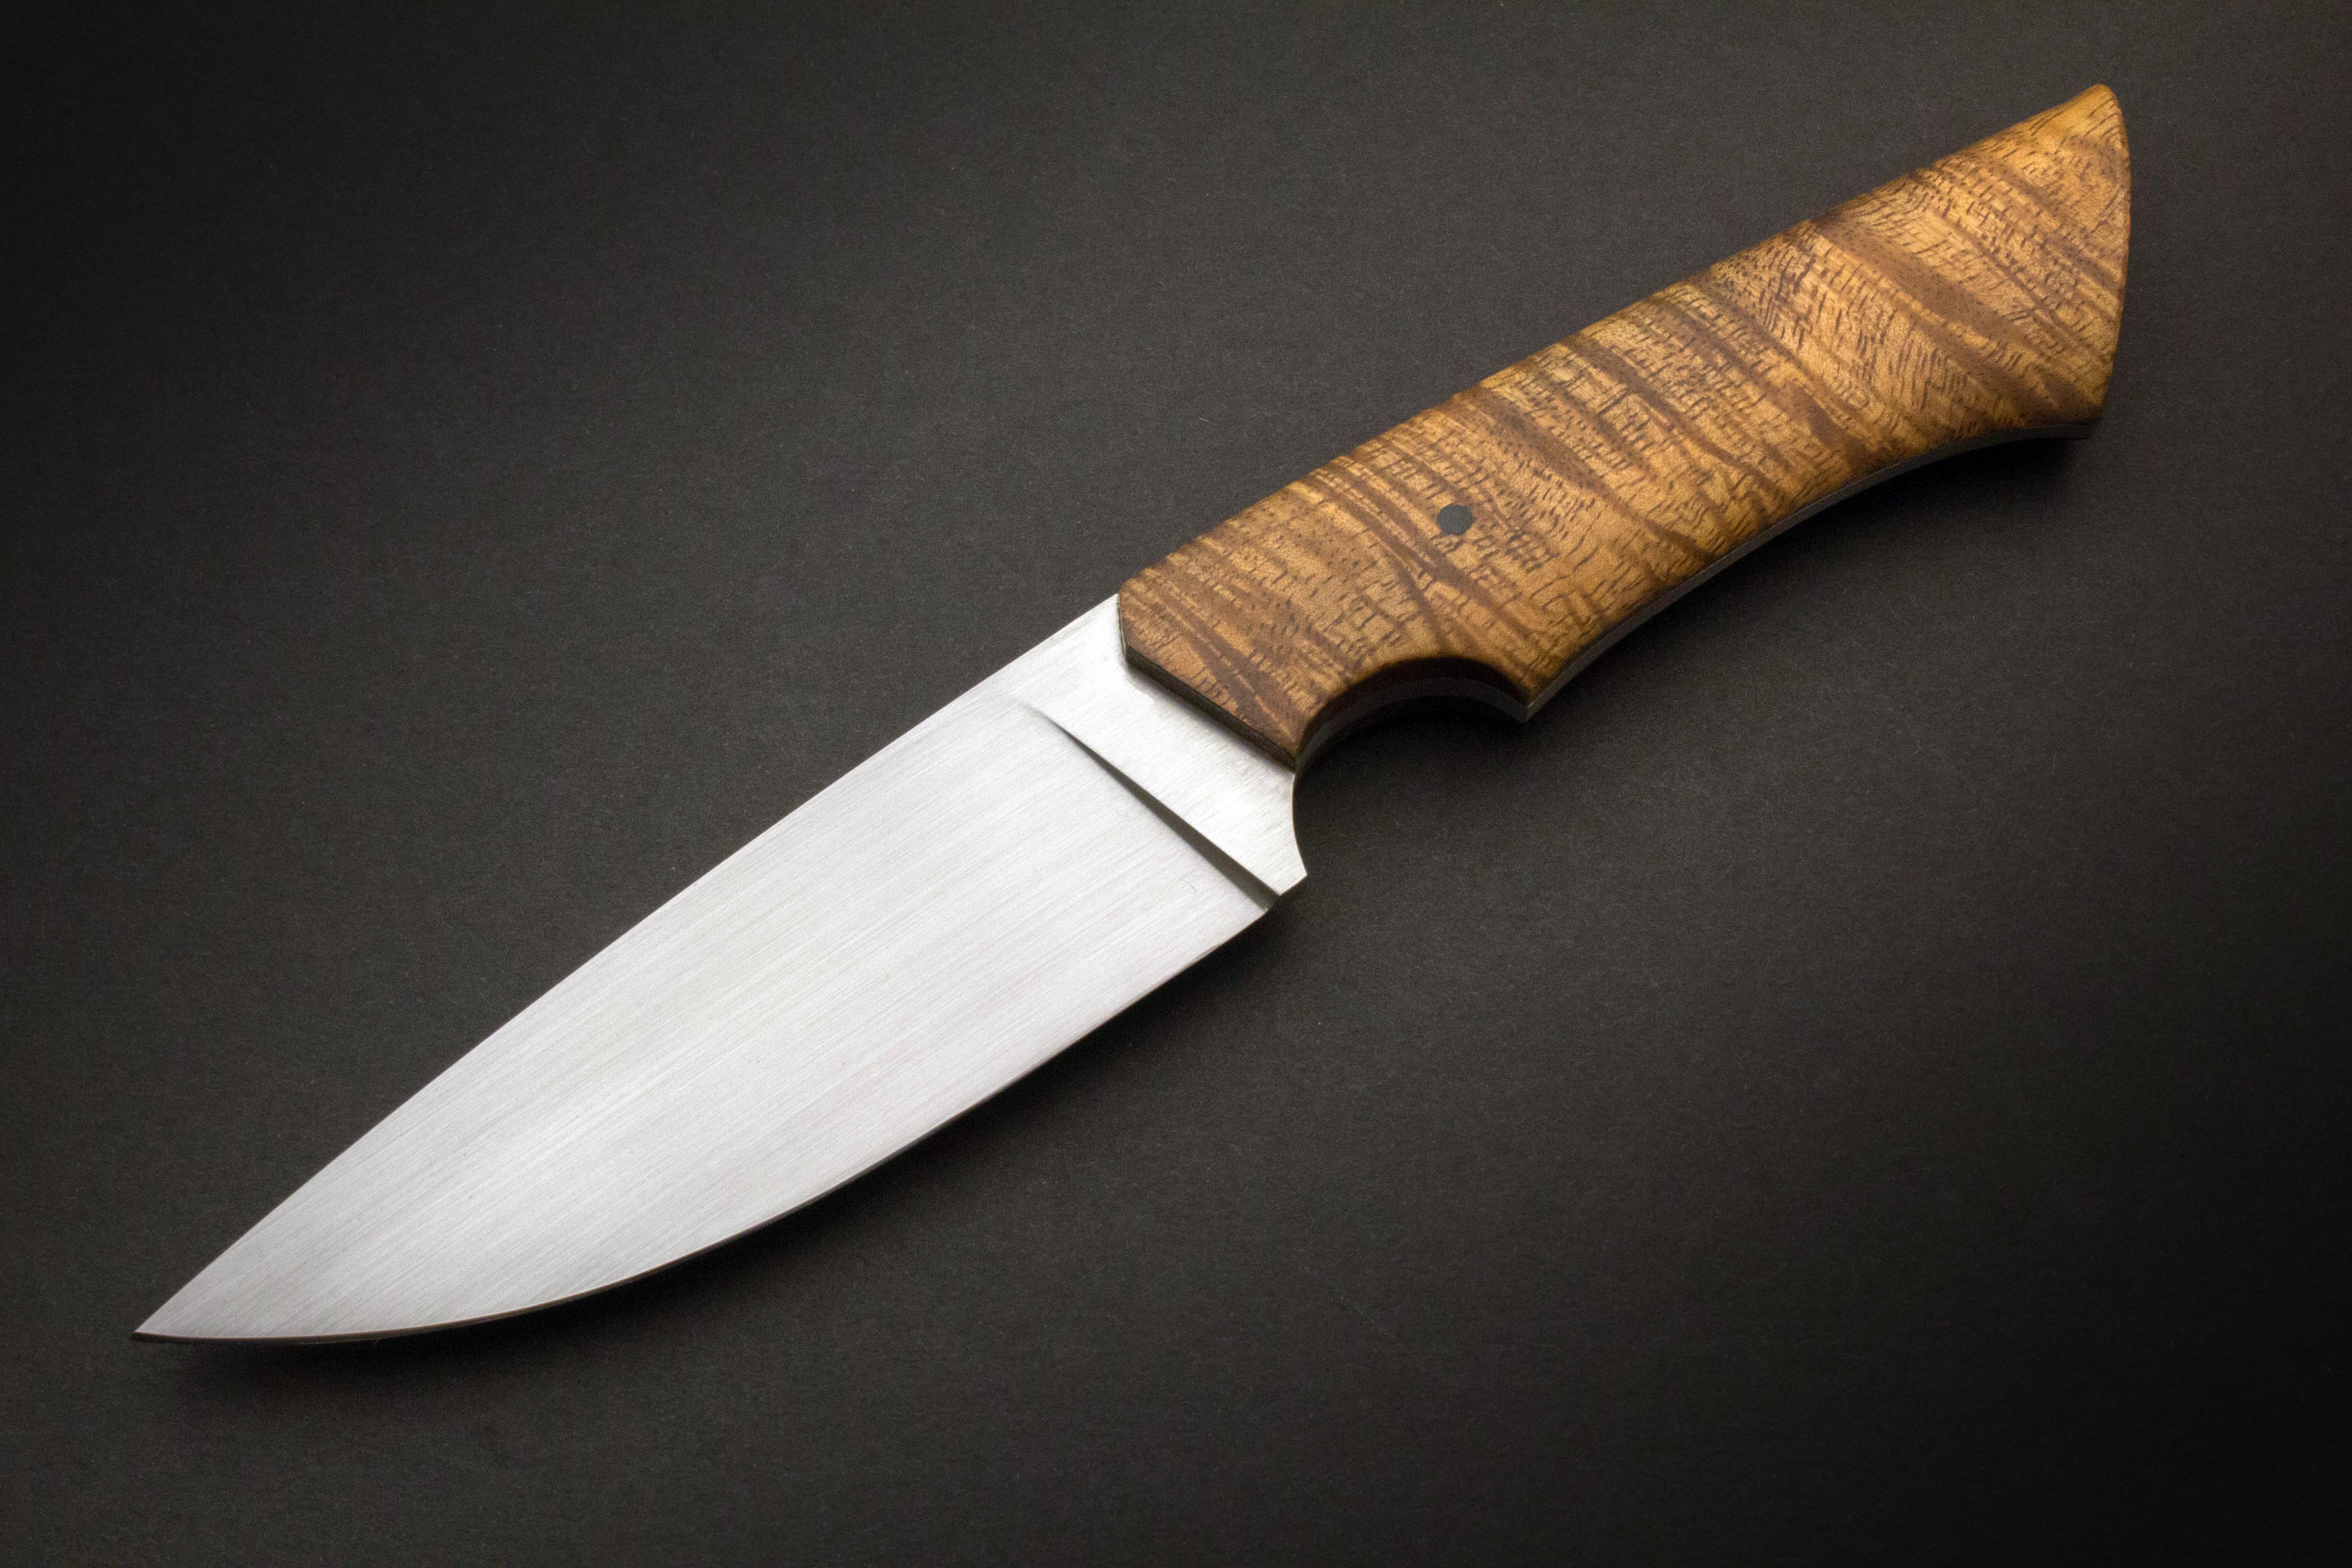 Knife again